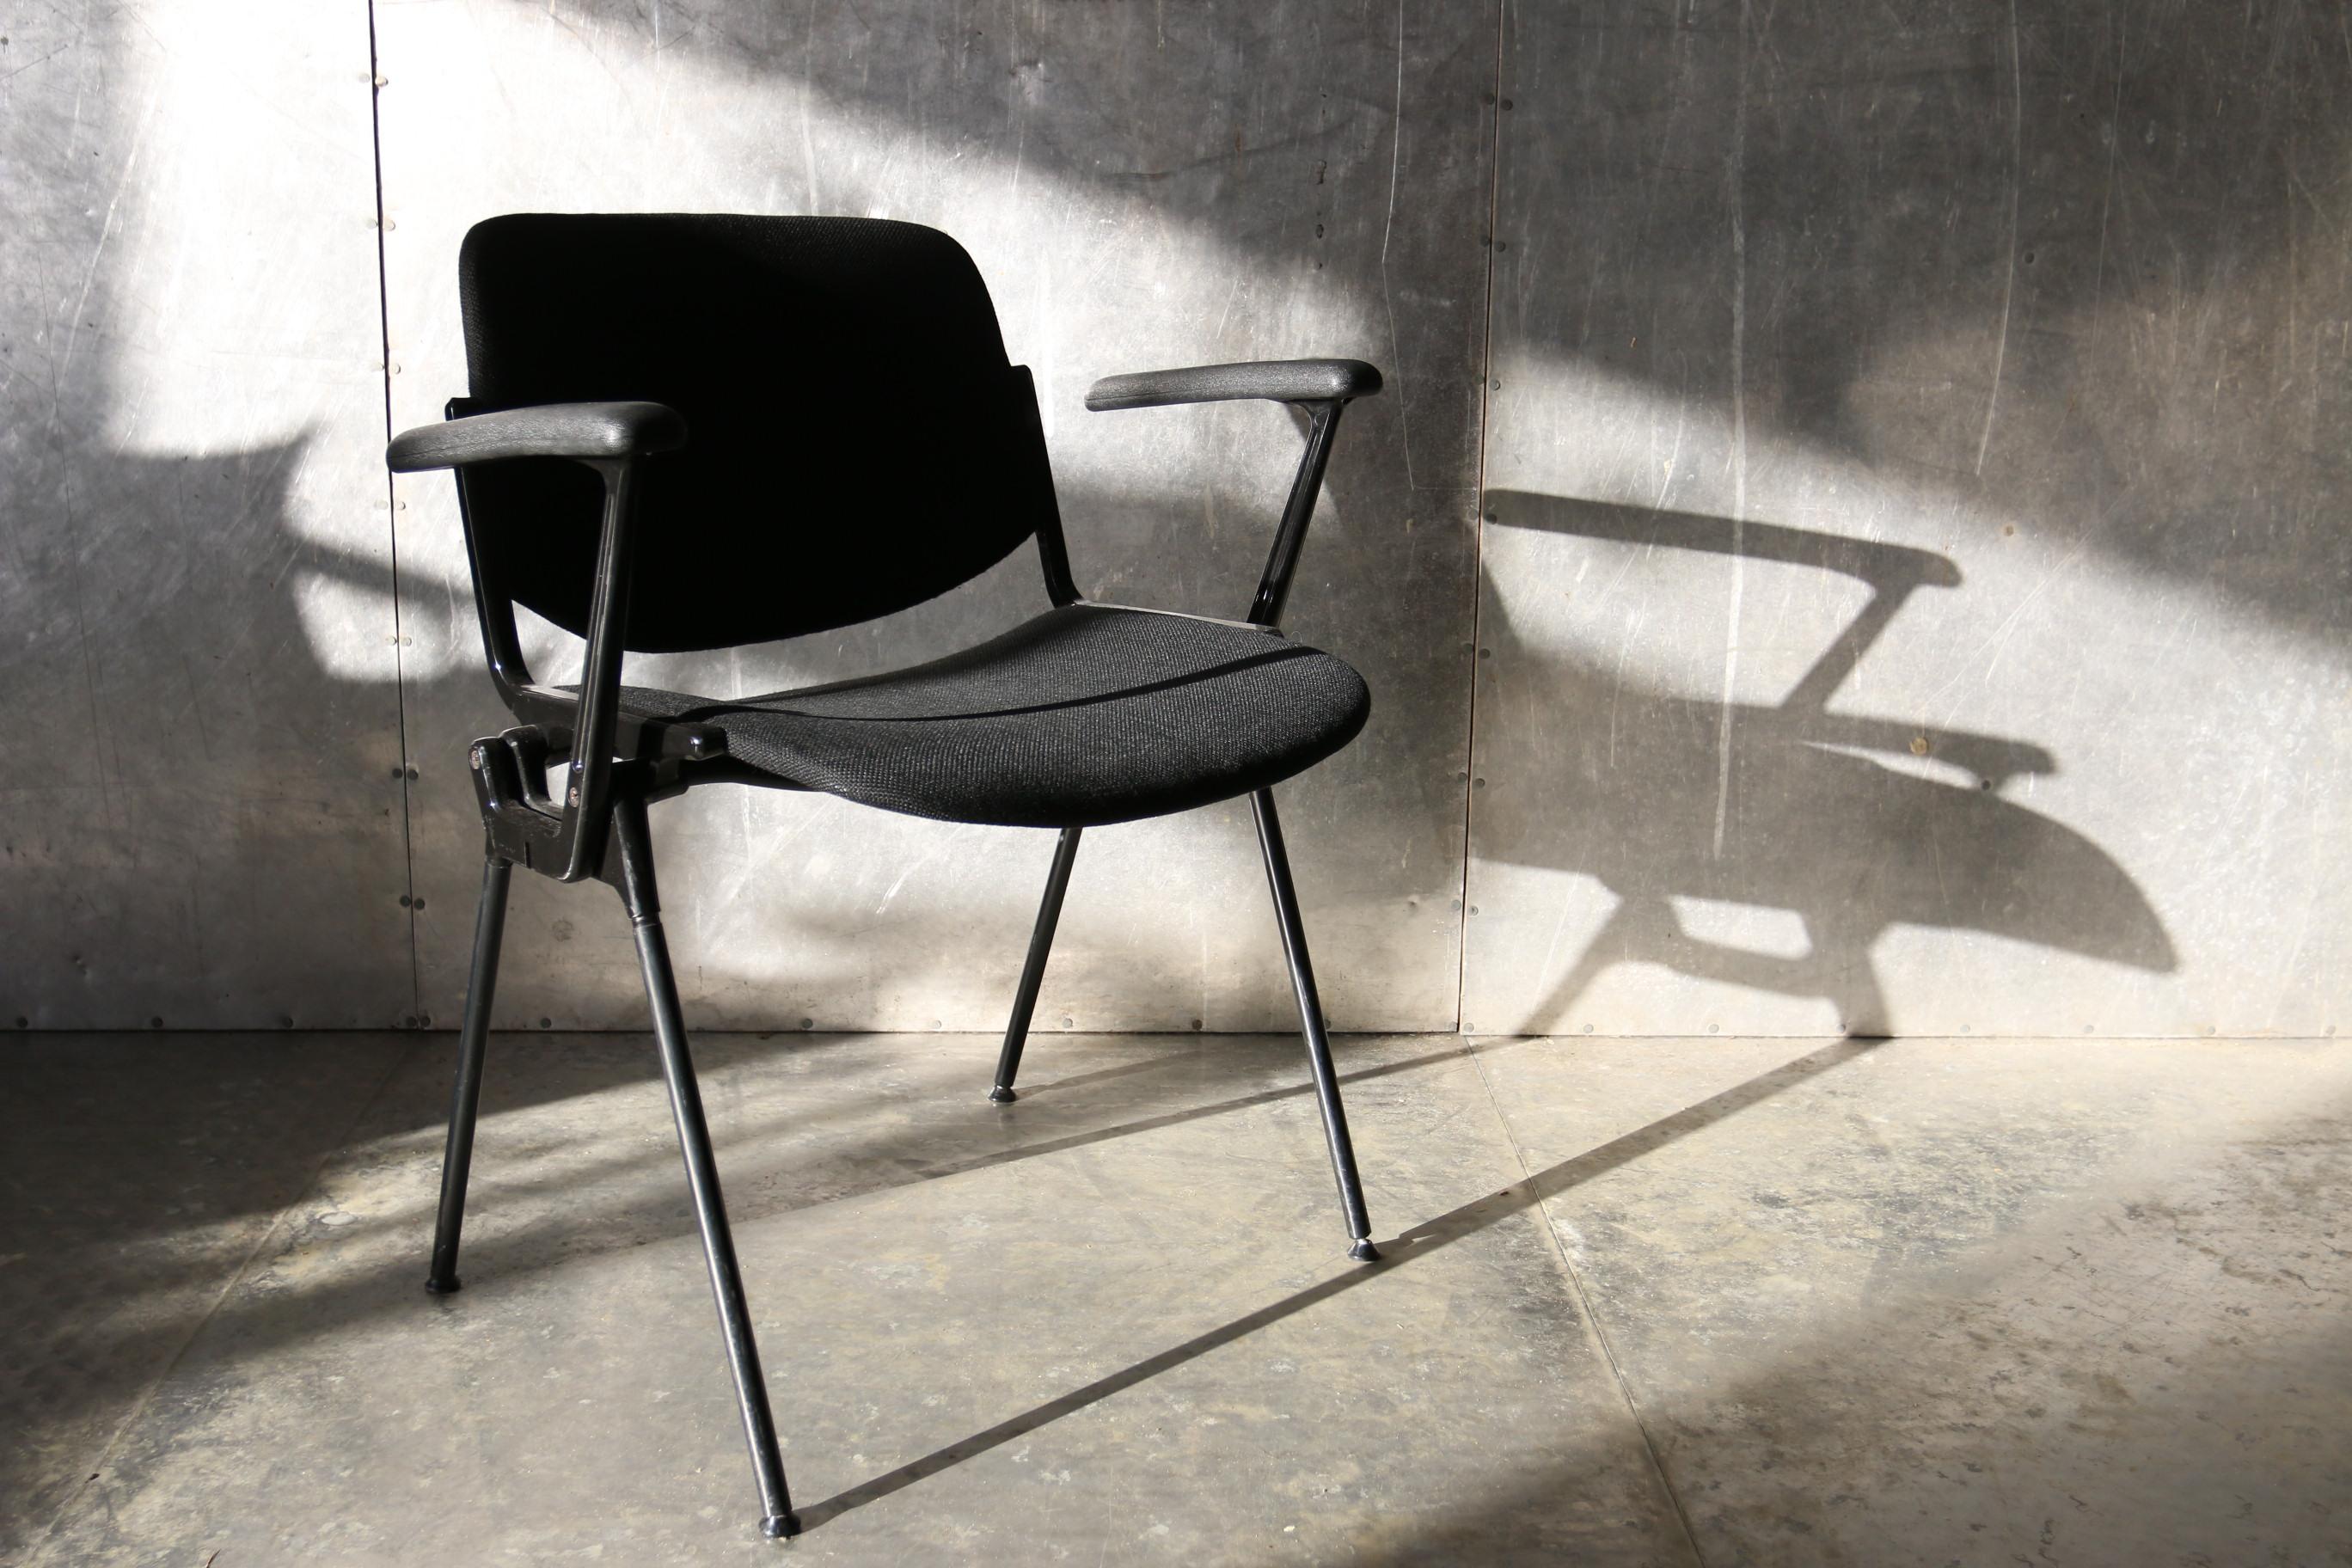 Tafel en stoelen marktplaats witte tafel zwarte stoelen eetkamerstoel eetkamertafel folder - Tafel en witte stoelen ...